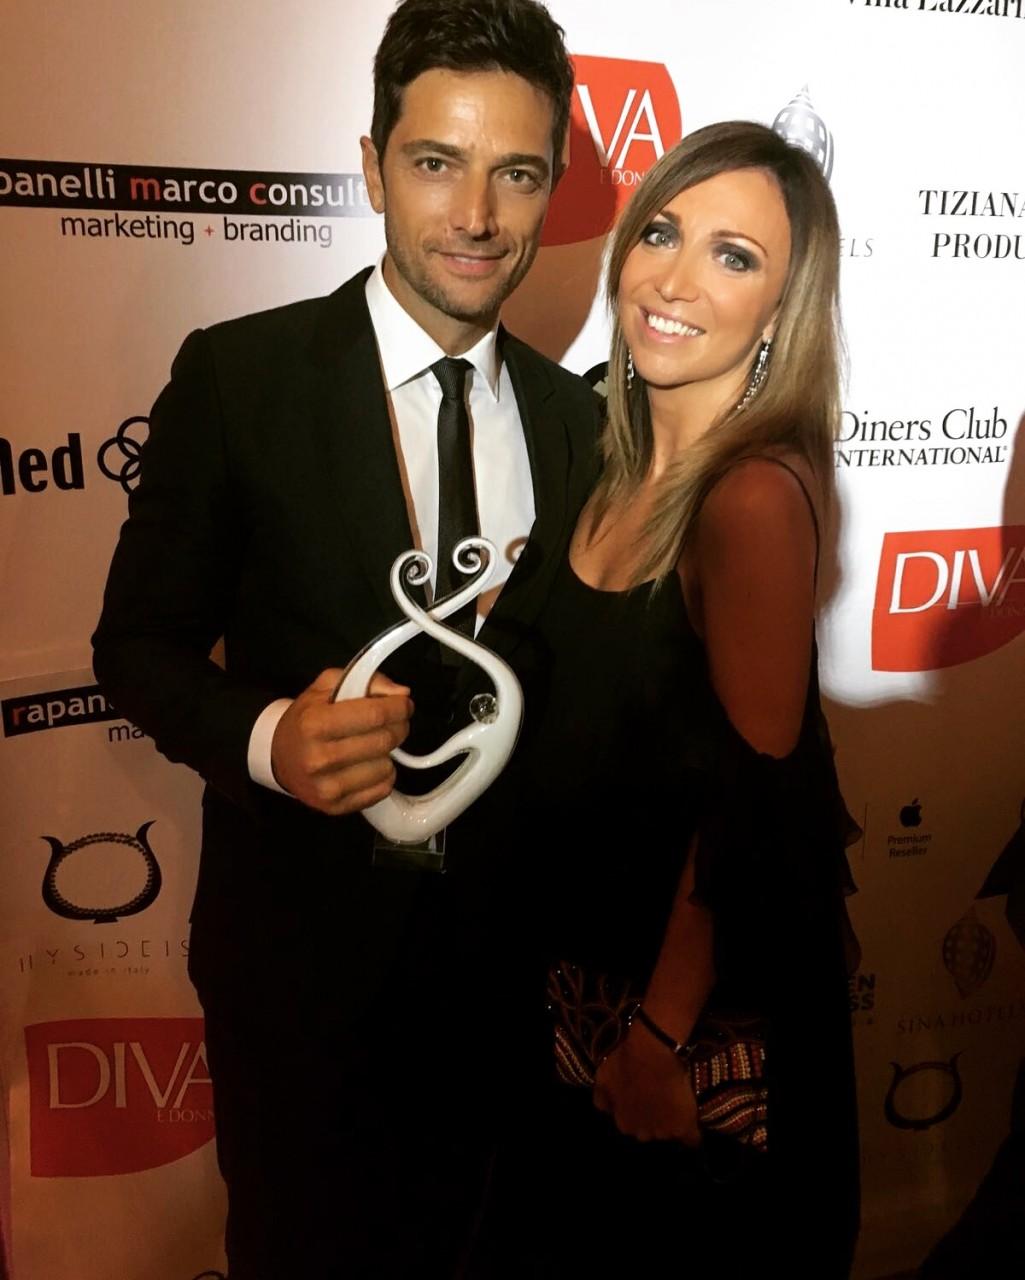 Ottaviani a venezia premia con le sue creazioni dive e divi del cinema cronache maceratesi - Dive e divi ...